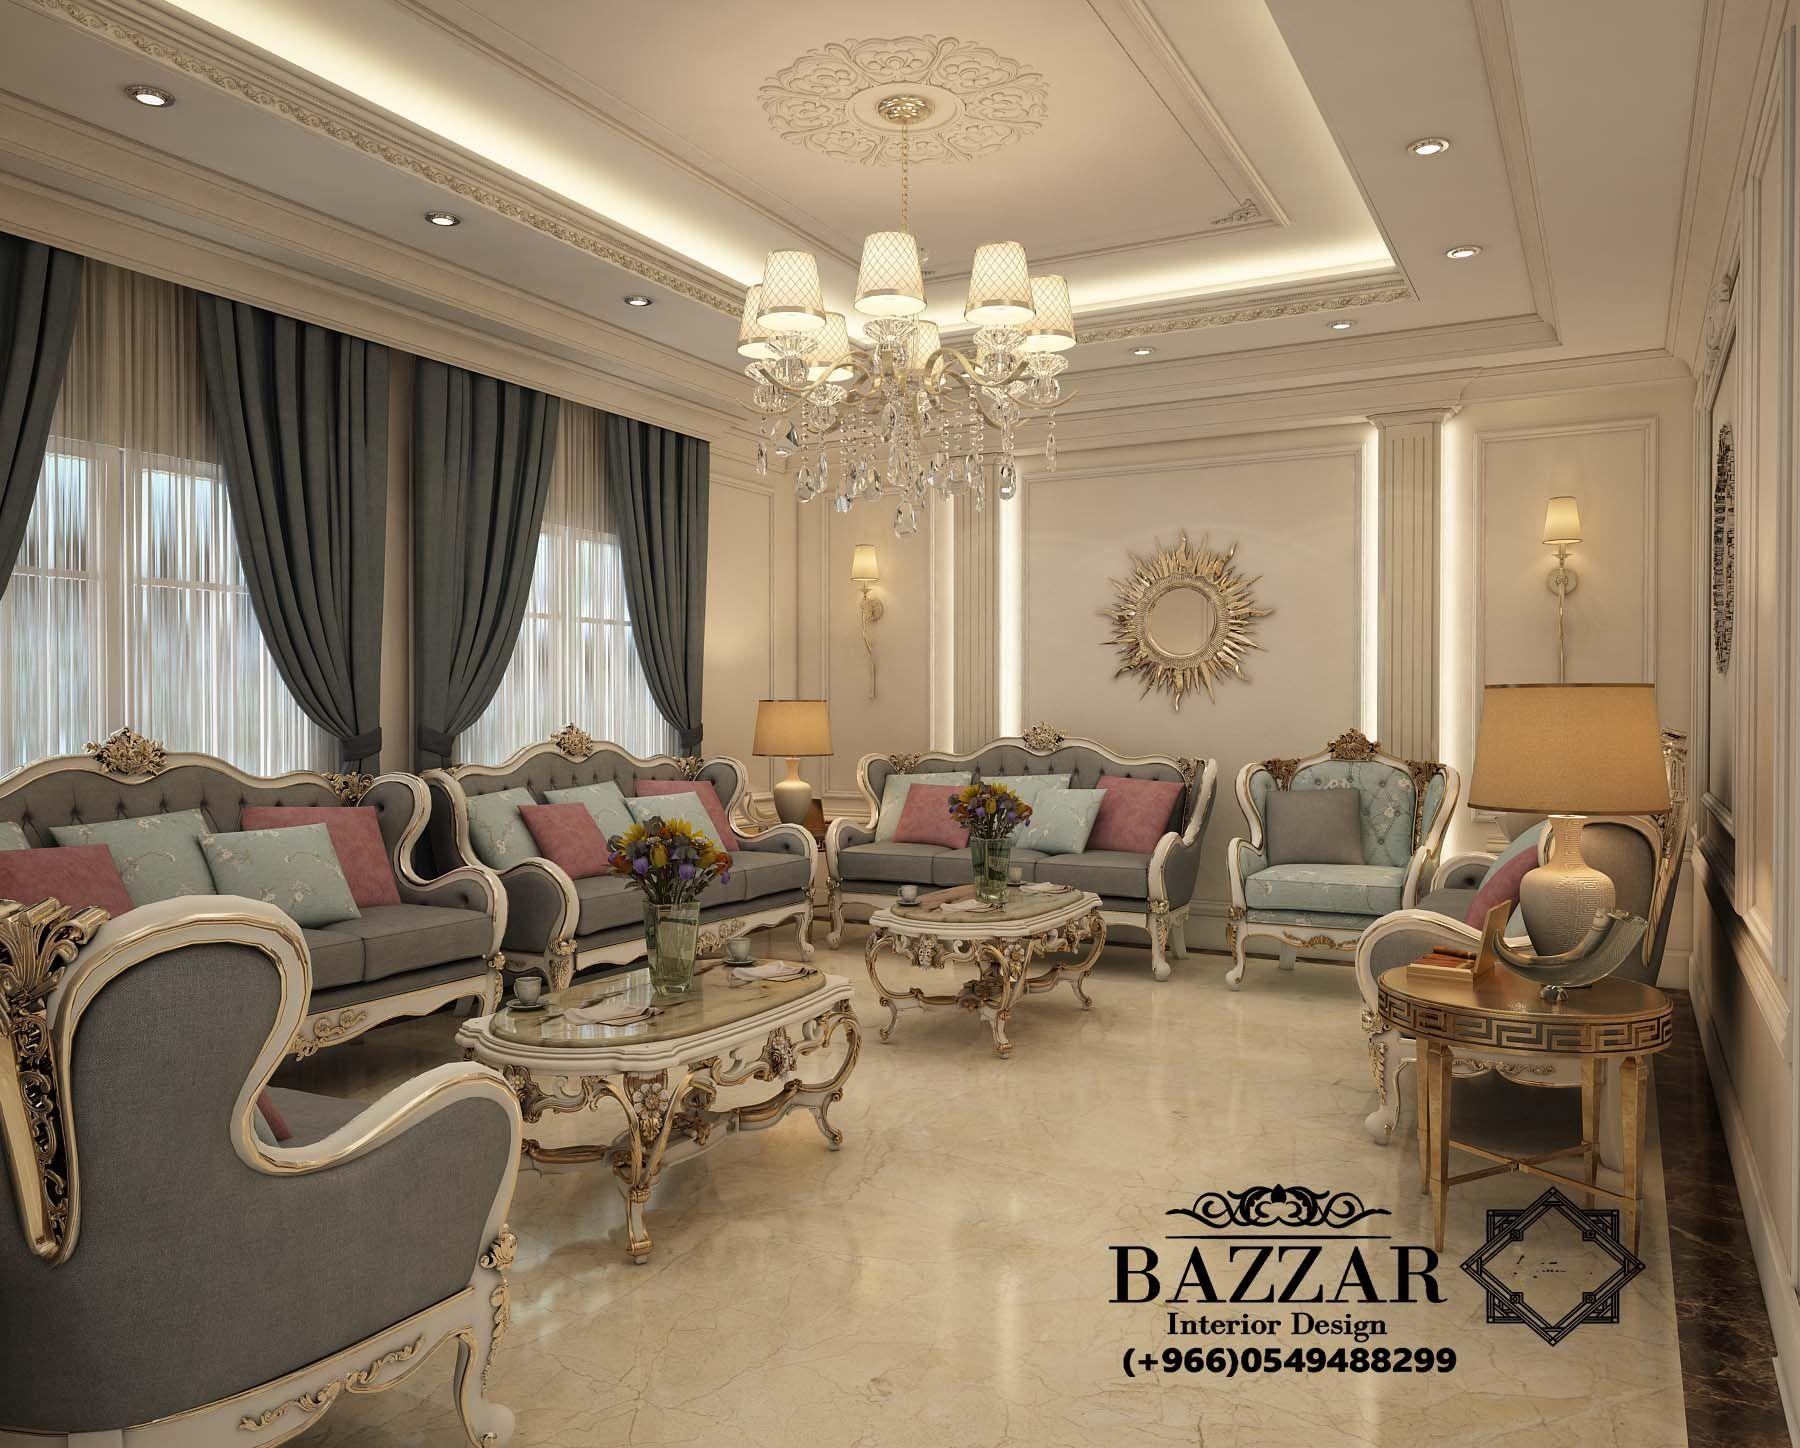 مجلس رجال نيوكلاسيك بدرجات اللون البيج والرمادي تم اضافه بعض الاكسسوارات لتزيين المجلس و اضافه Luxury Living Room Decor Home Stairs Design Luxury Living Room